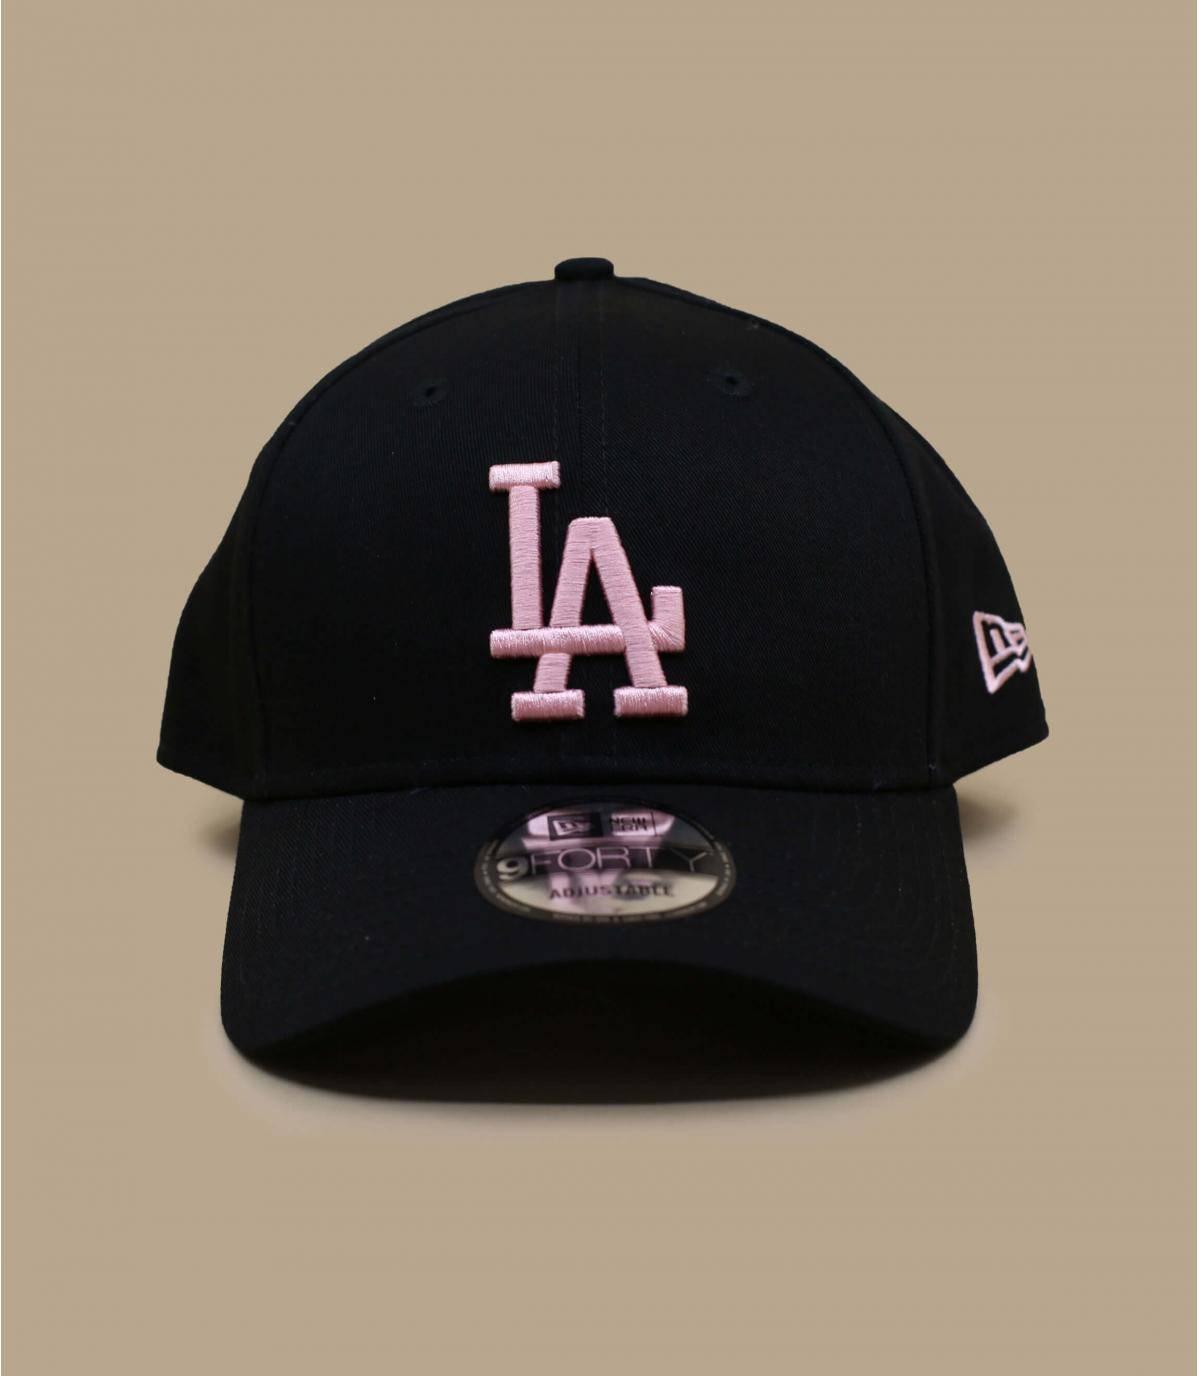 Detalles League Ess 940 LA black pink imagen 2